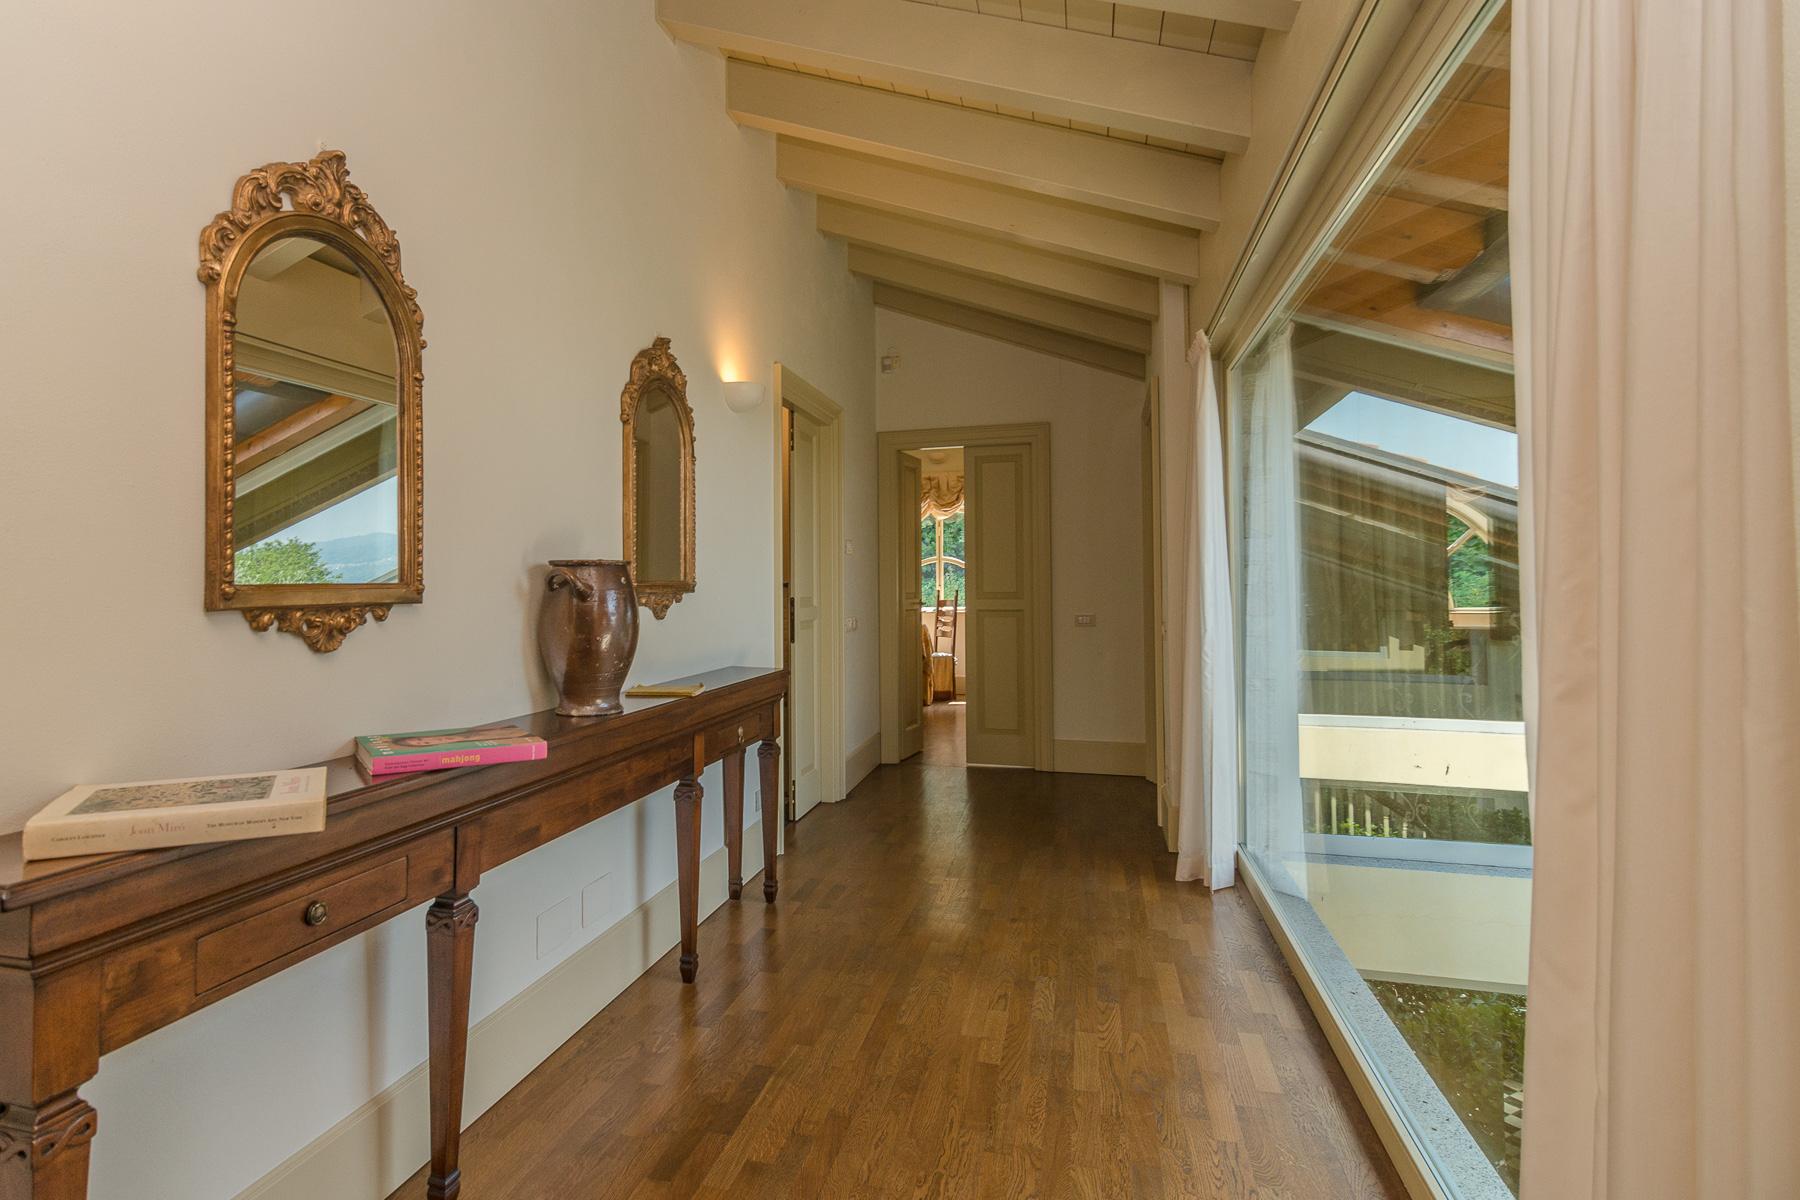 Villa in Vendita a Besozzo: 5 locali, 426 mq - Foto 16